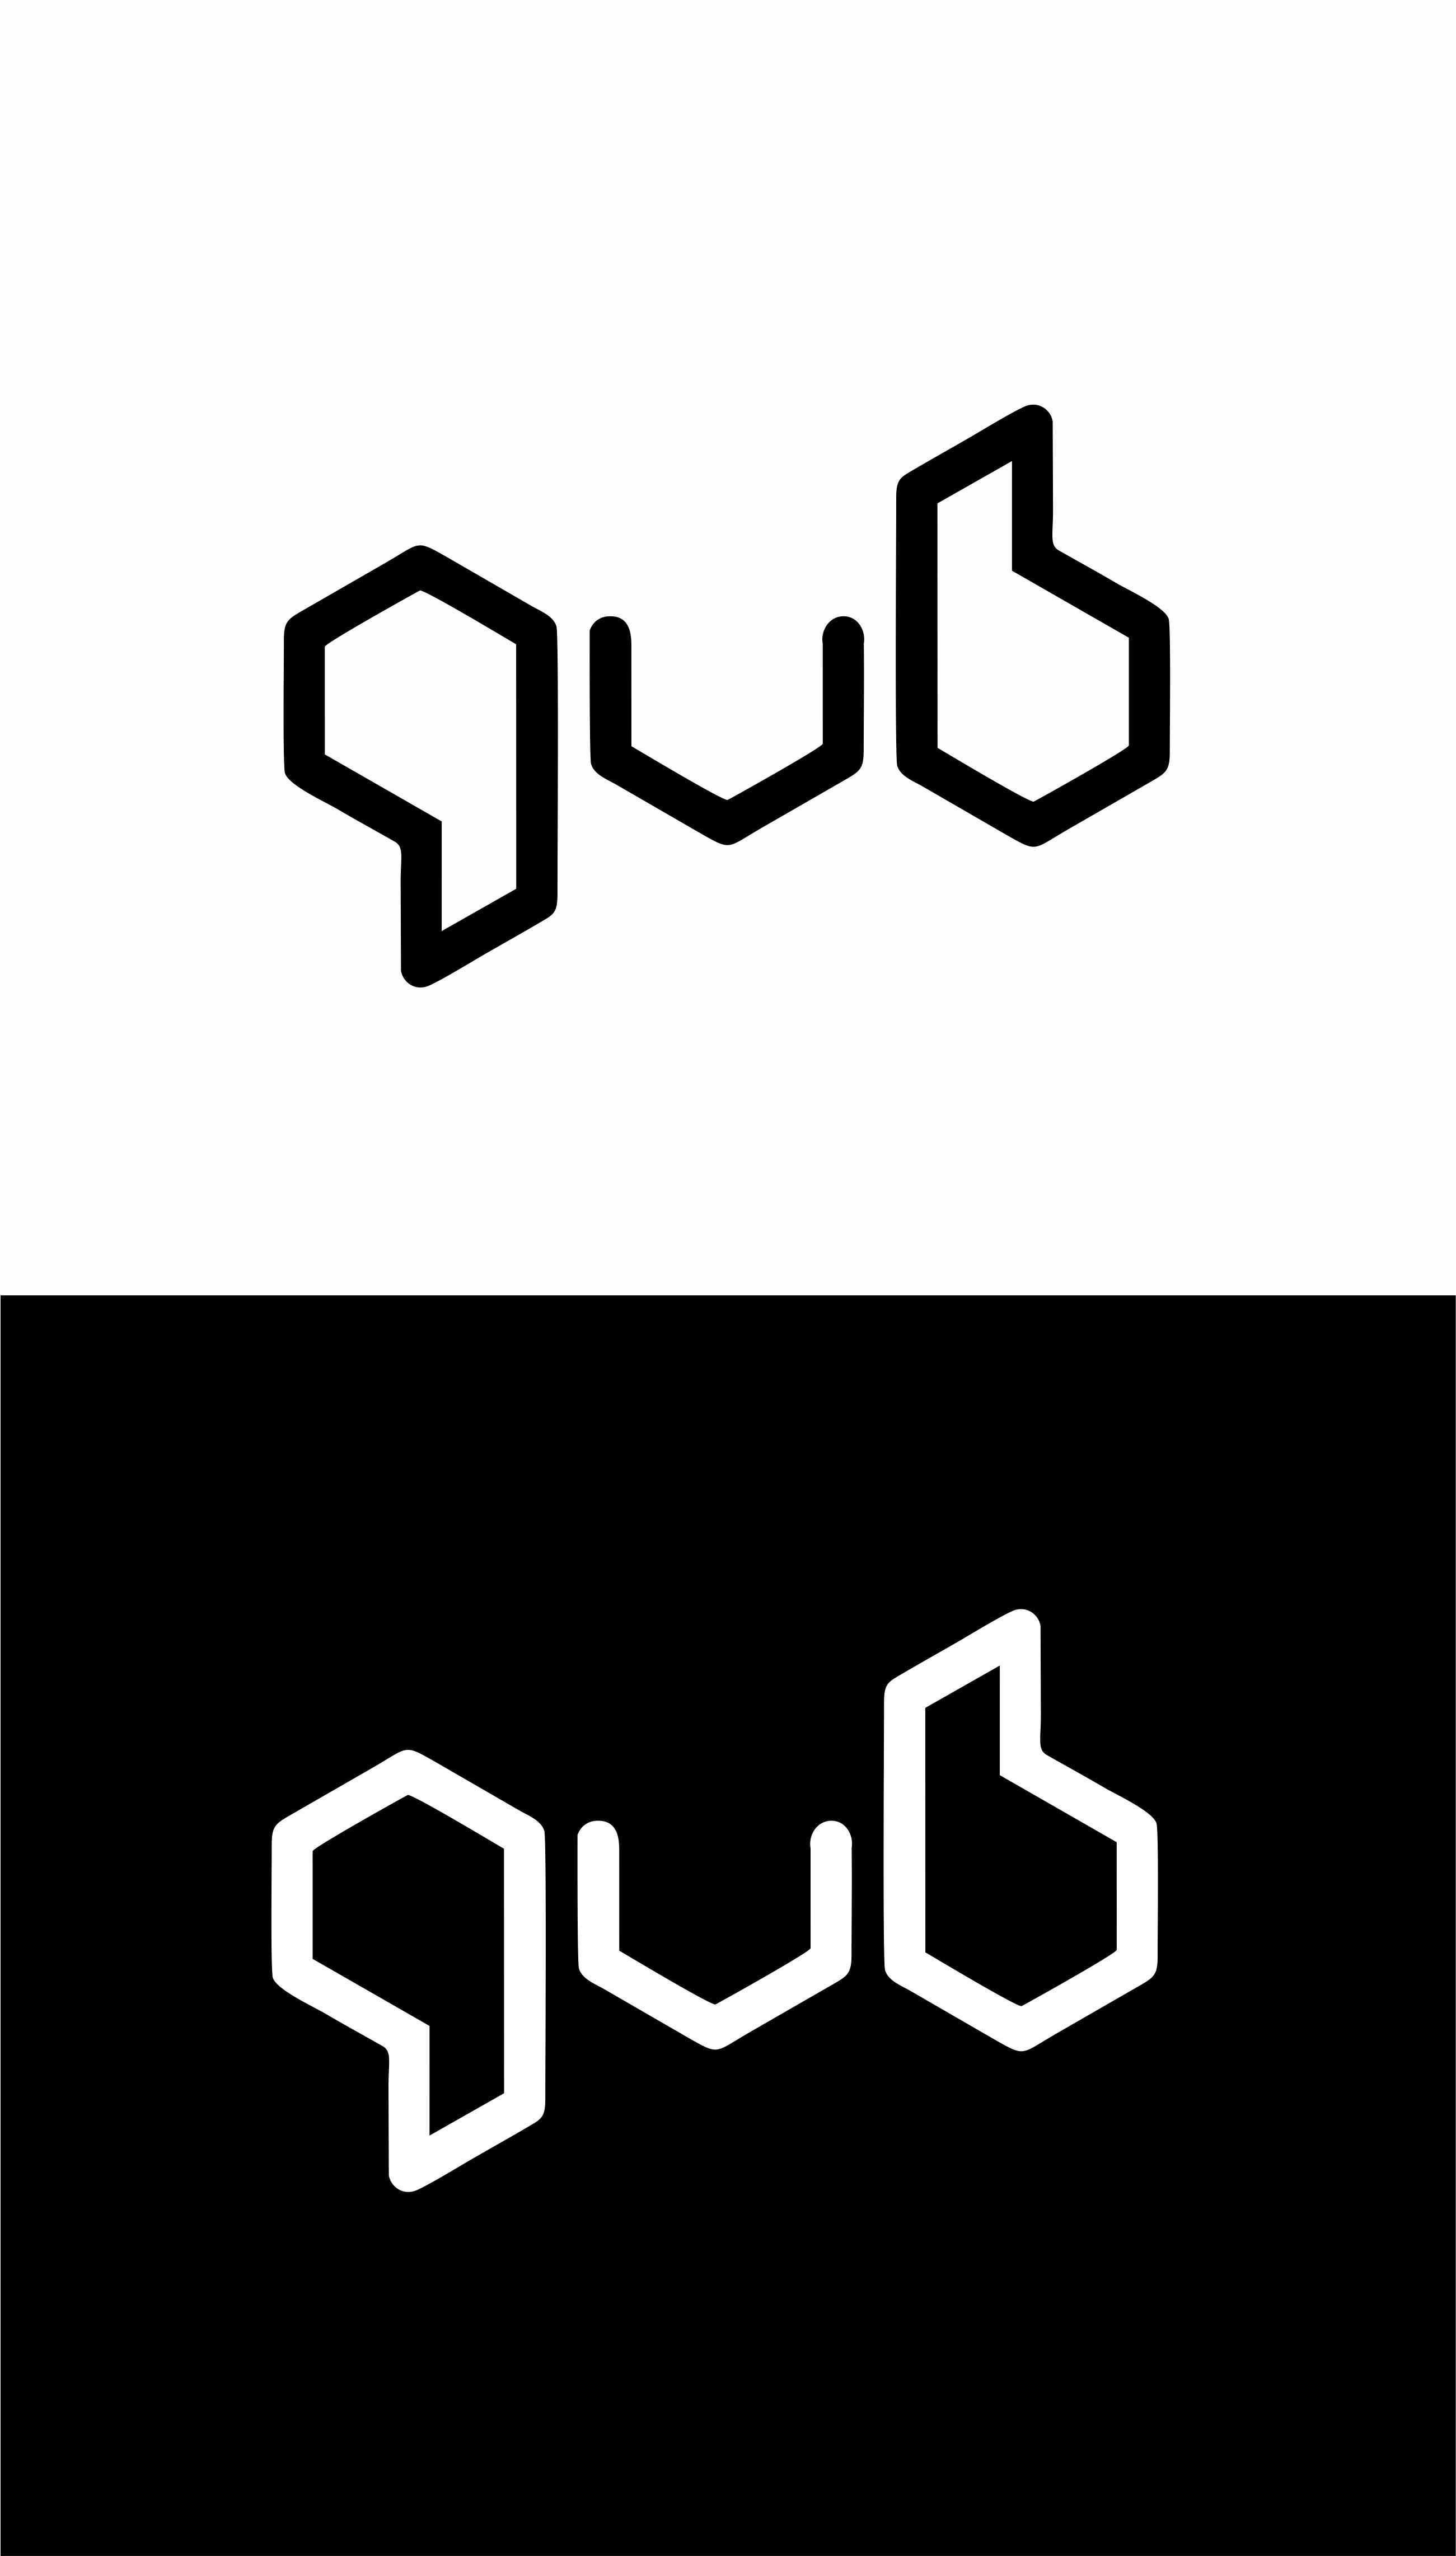 Разработка логотипа и фирменного стиля для ТМ фото f_9865f1c5b08d0a44.jpg